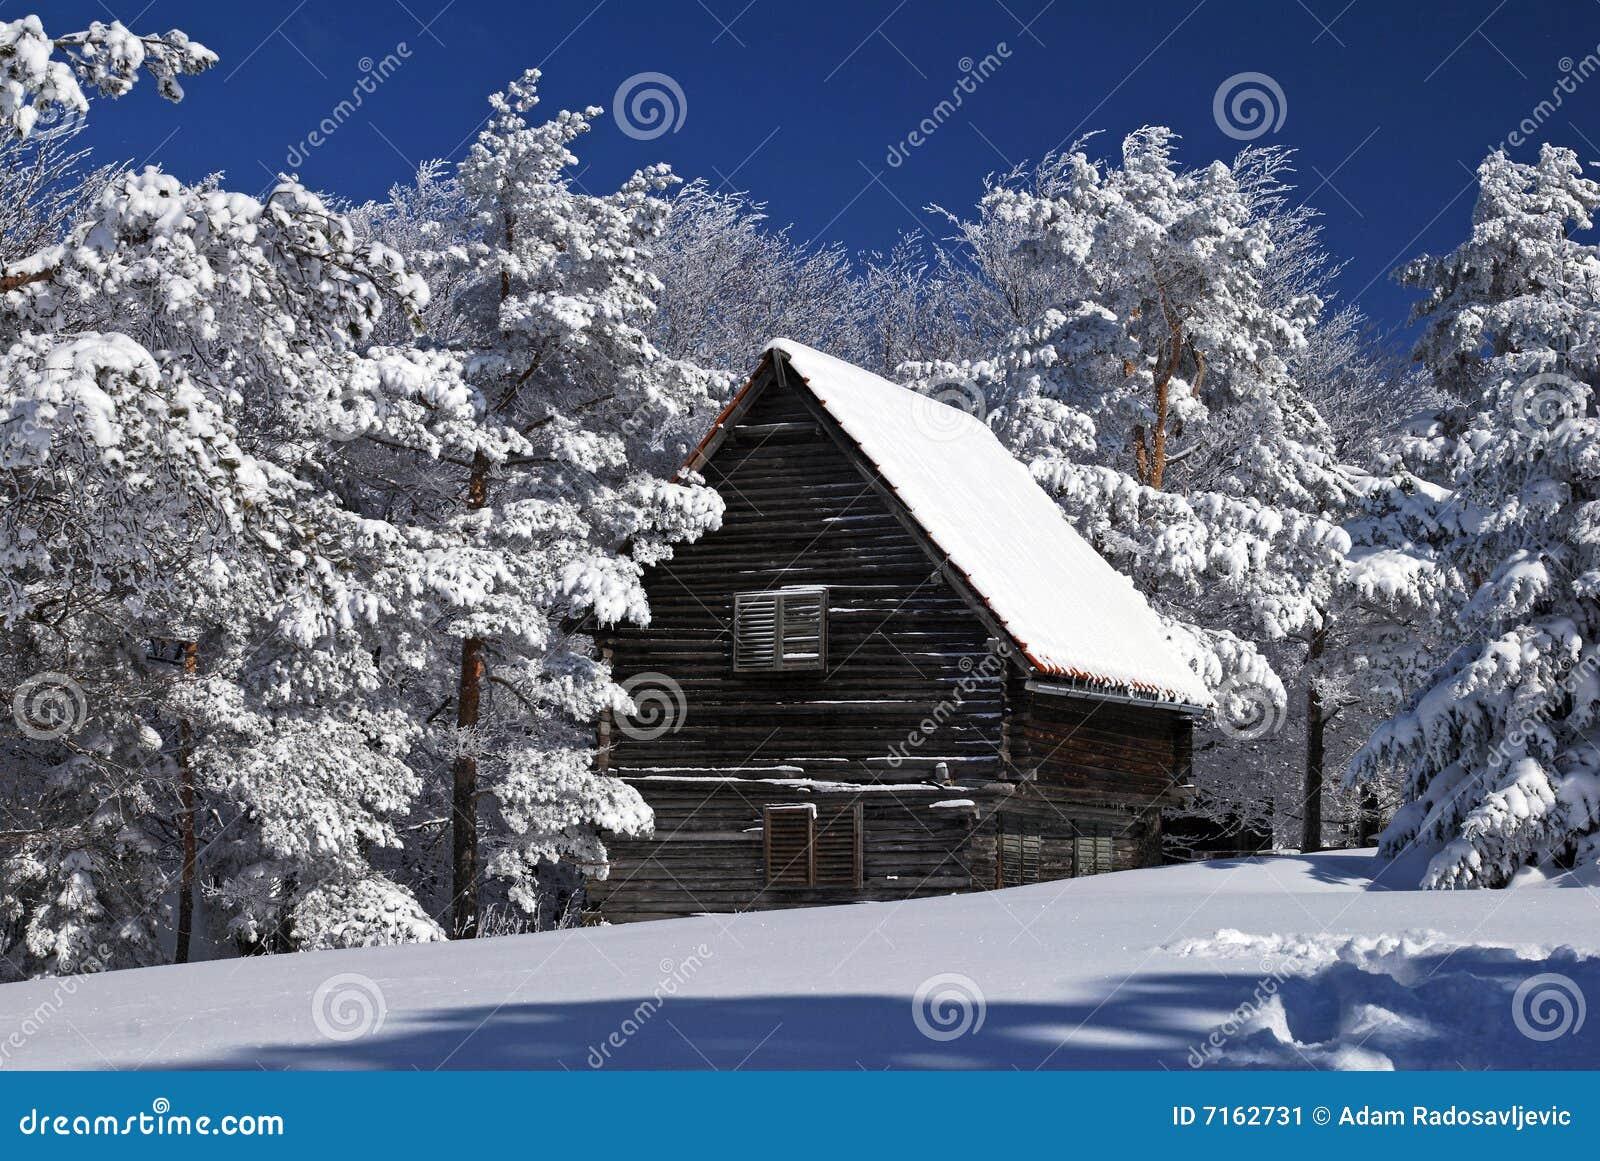 Lantlig snow för hus